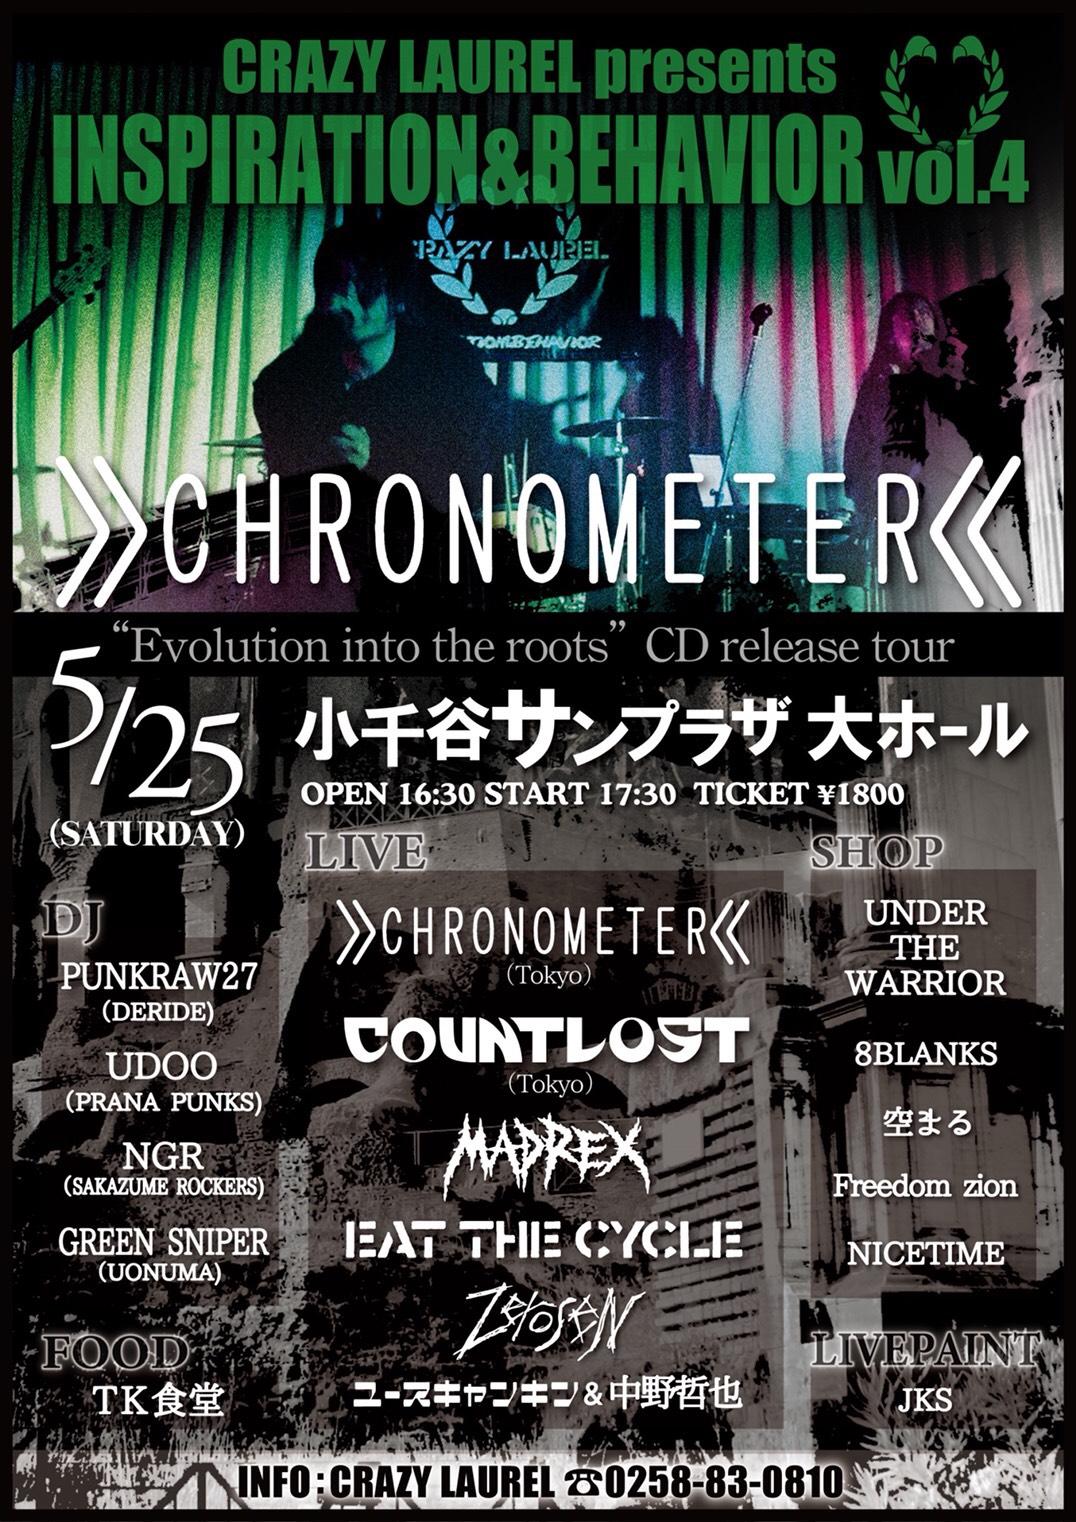 """『CRAZY LAUREL 2days special=INSPIRATION&BEHAVIOR vol.4』 """"CHRONOMETER CD RELEASE TOUR"""""""